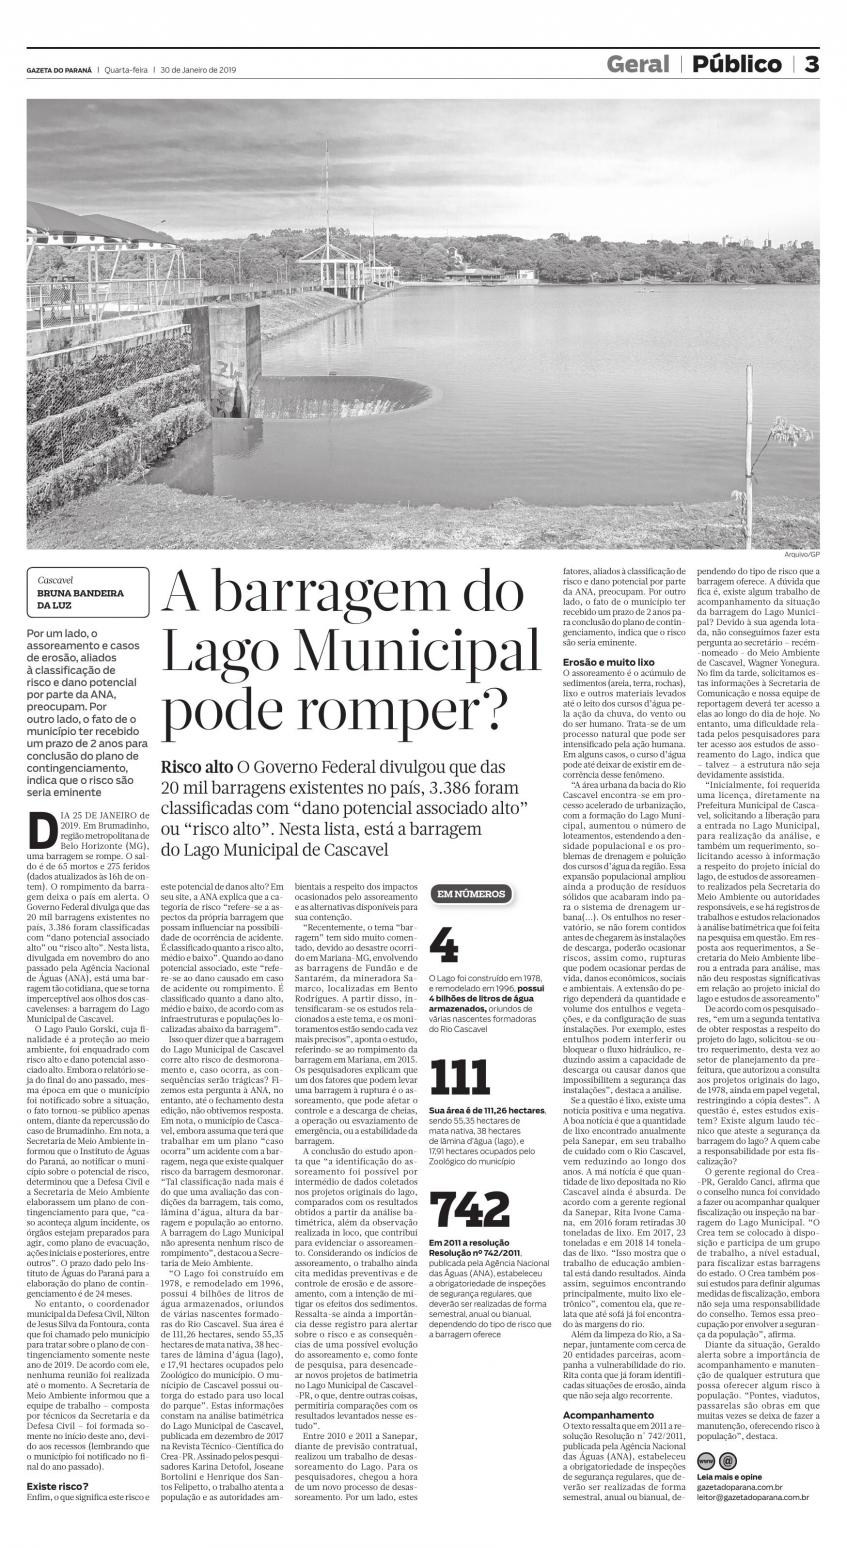 #PraTodosVerem - Matéria da capa do jornal falando sobre o risco de queda da barragem paranaense